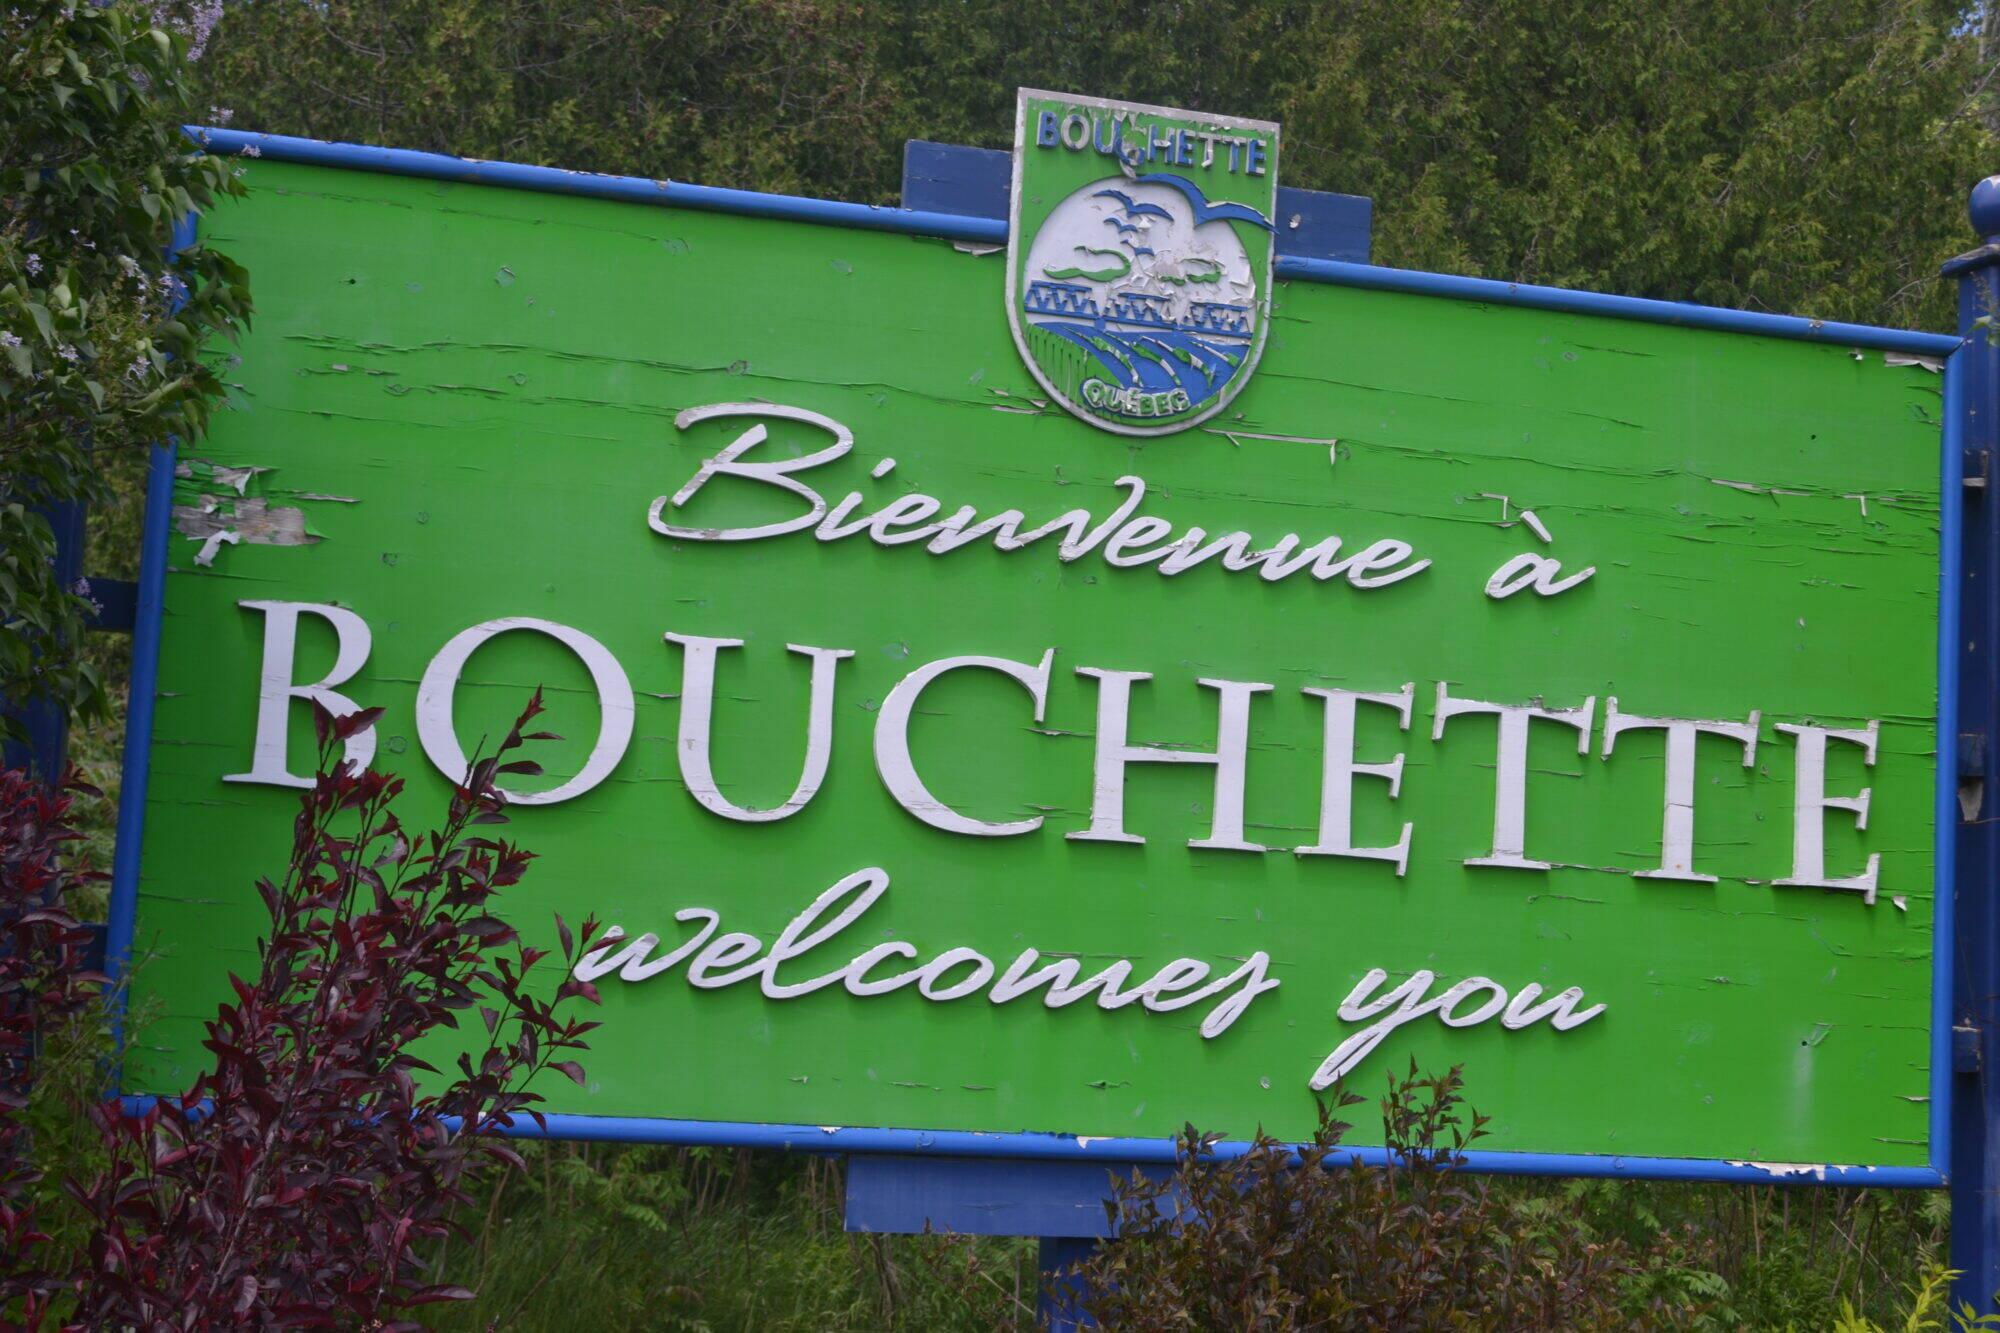 Bienvenue à Bouchette 2